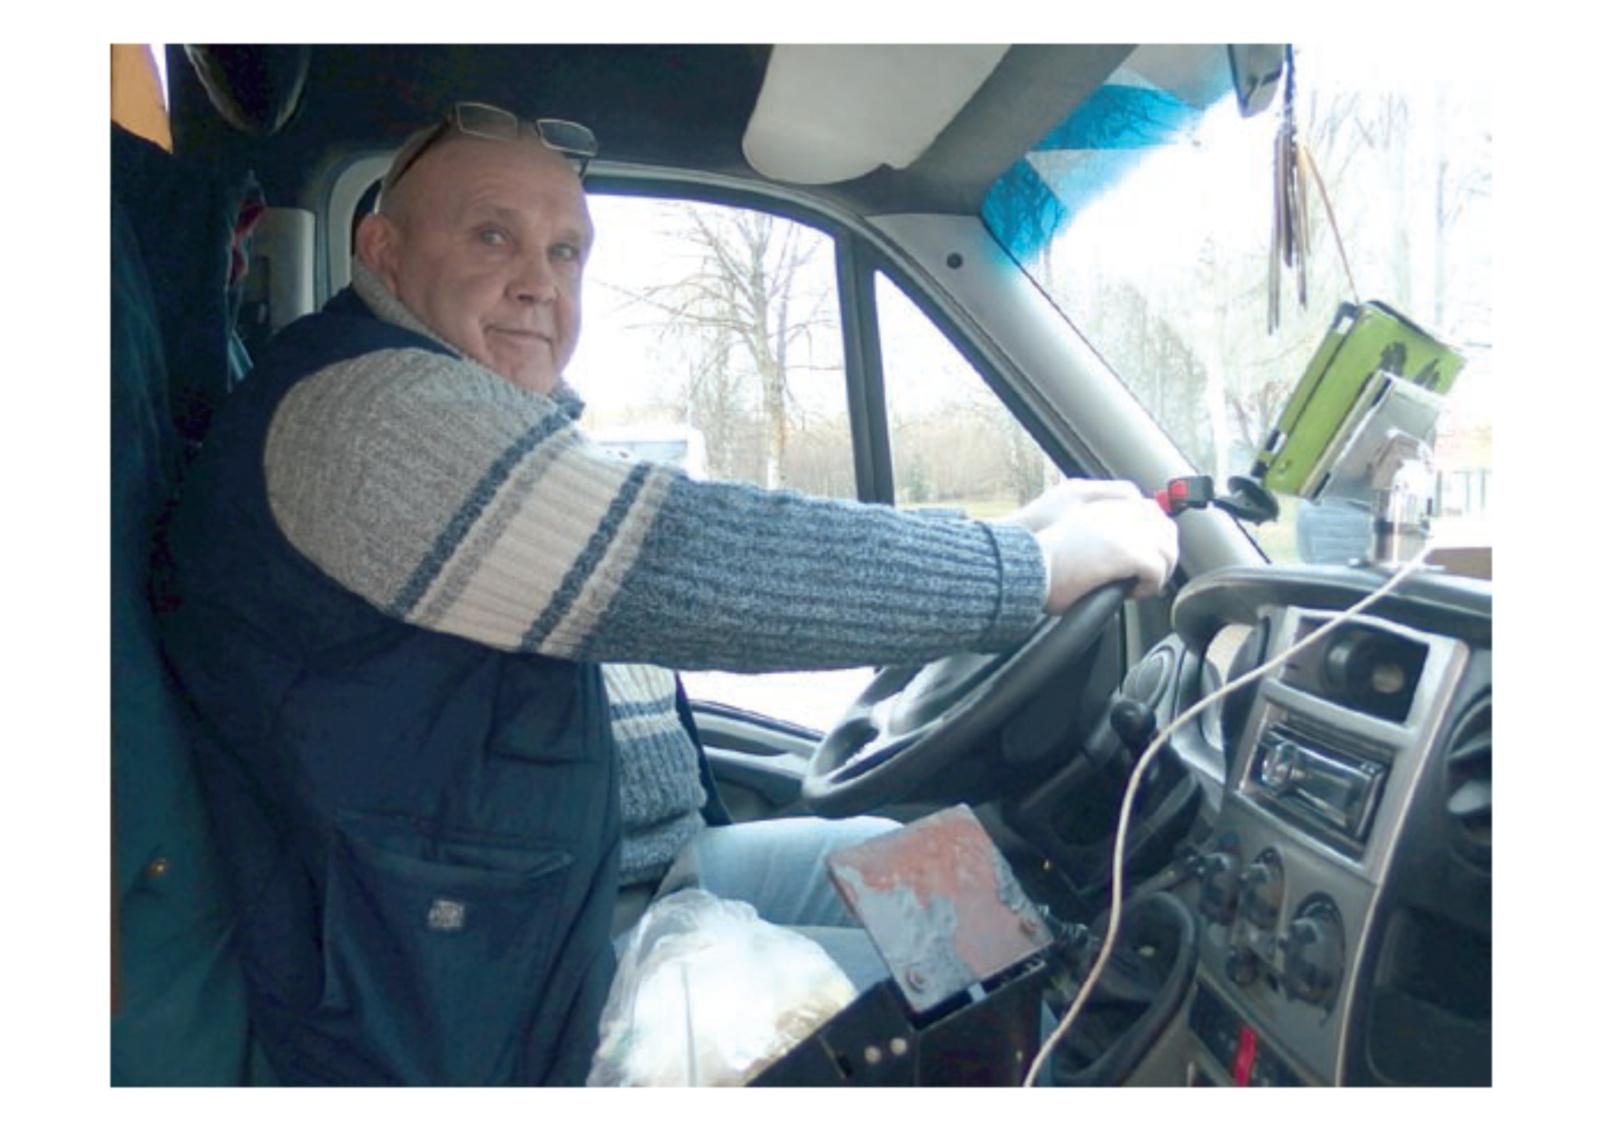 Kelionė autobusu: saugiai ir be grūsties